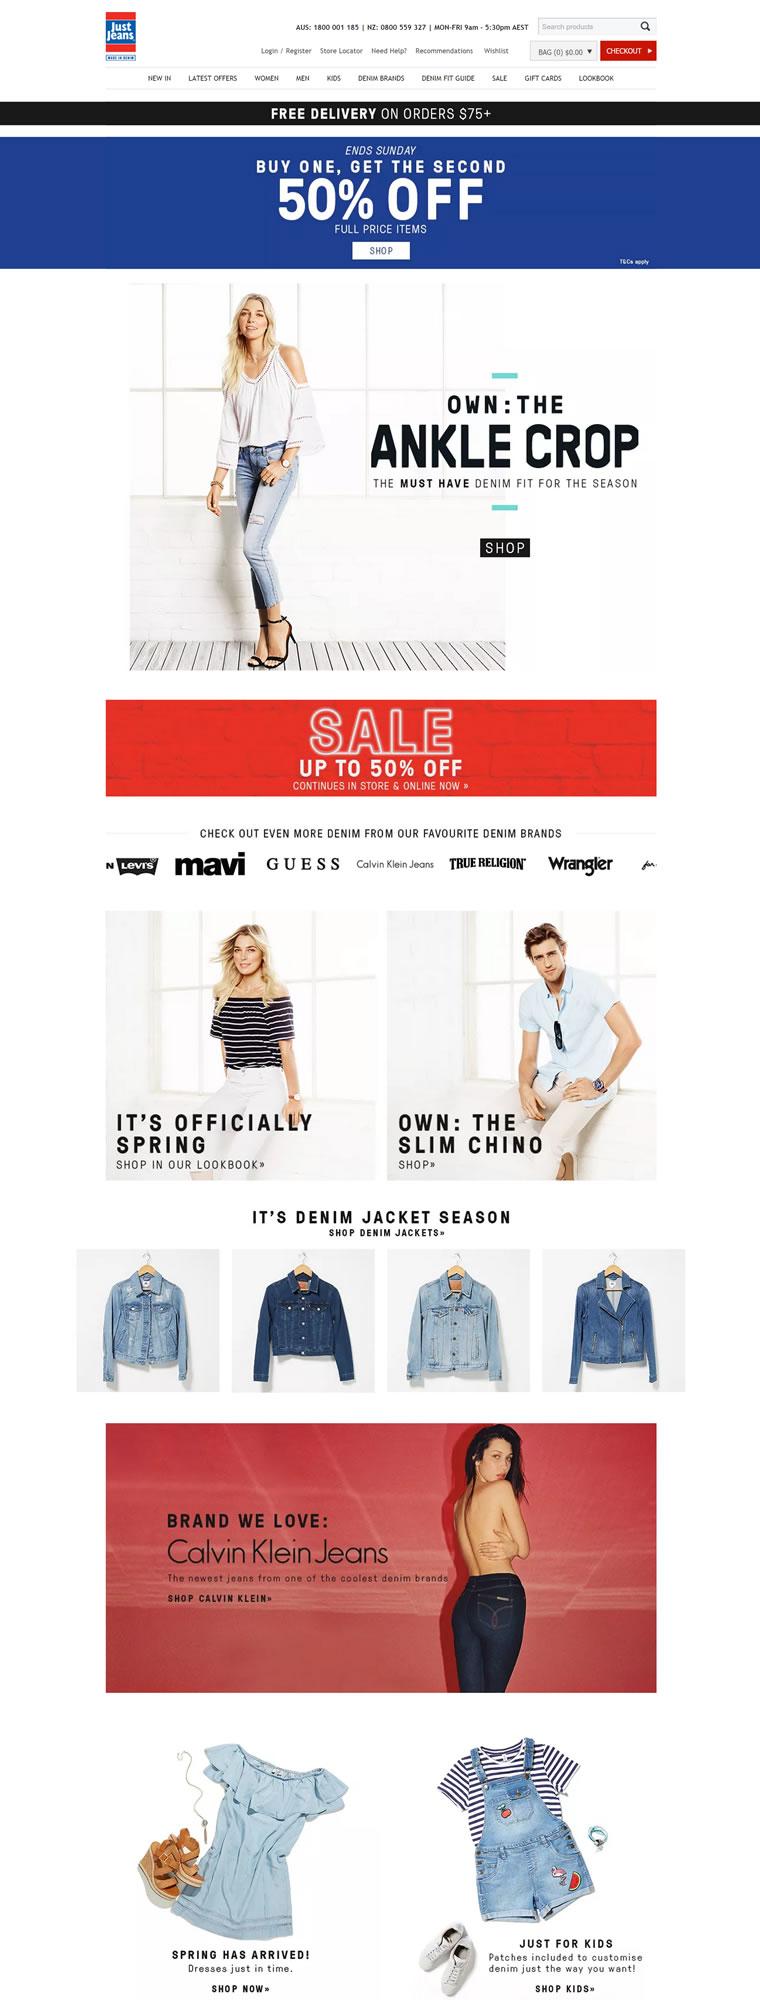 澳大利亚牛仔裤商店:Just Jeans